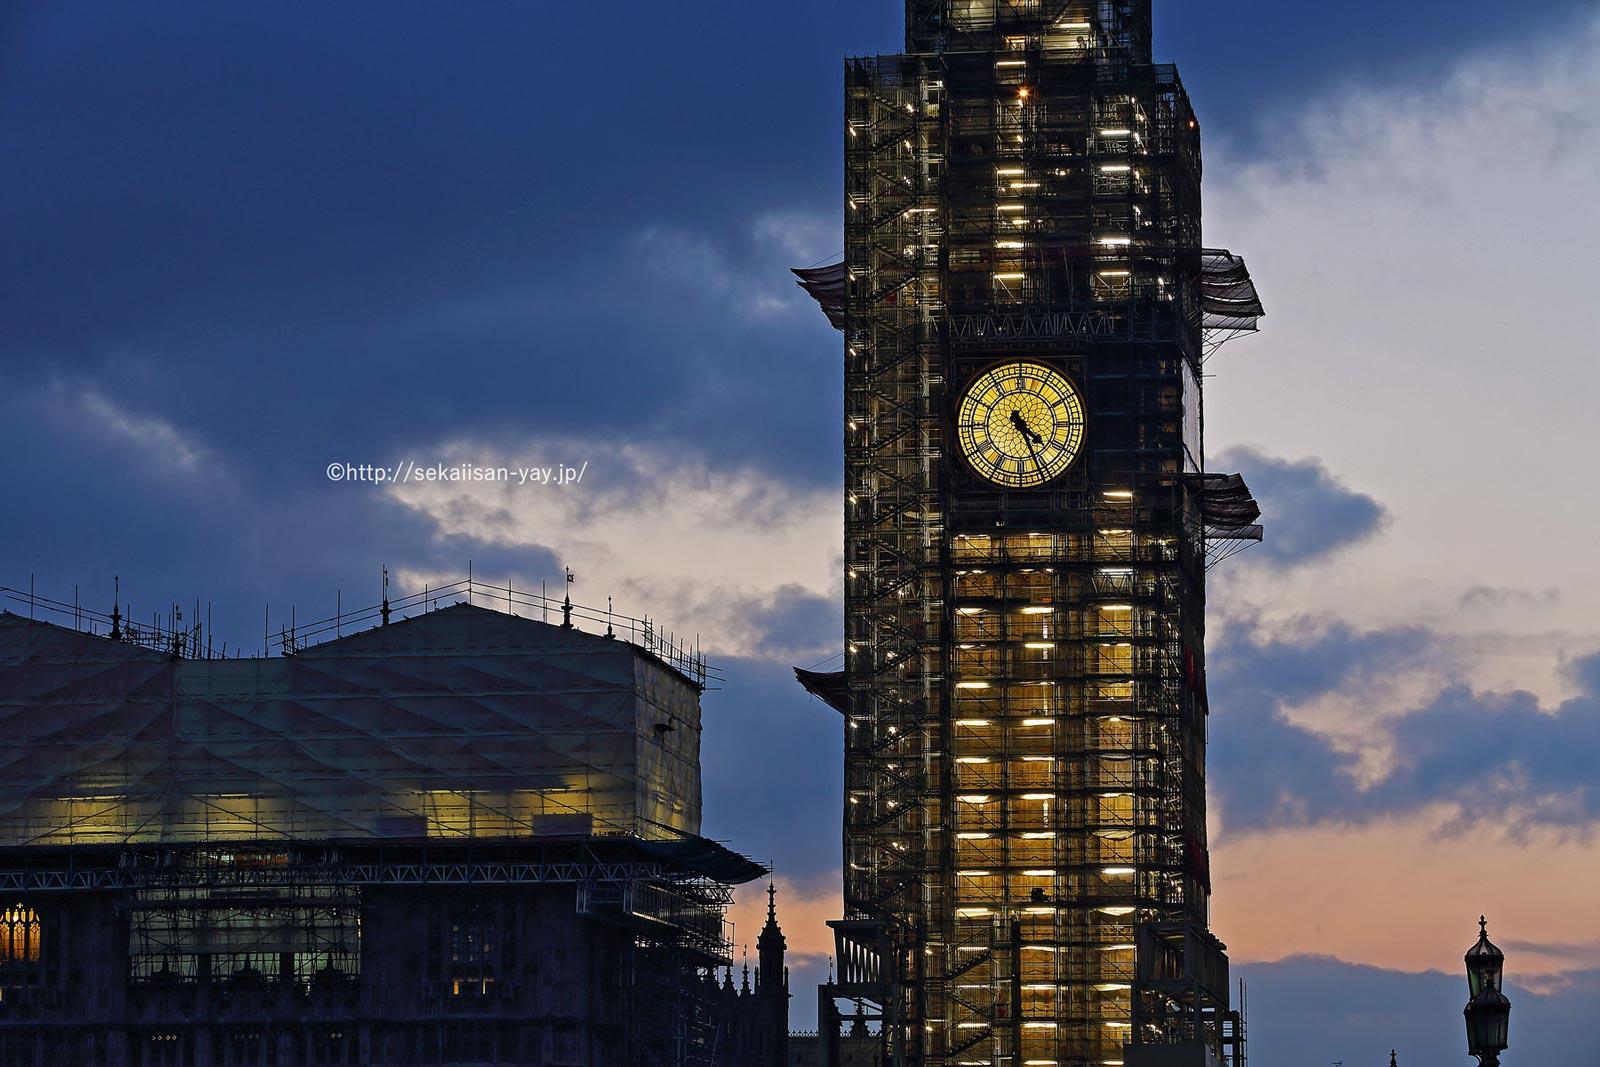 イギリス「ウェストミンスター宮殿、ウェストミンスター大寺院及び聖マーガレット教会」- ビッグ・ベン